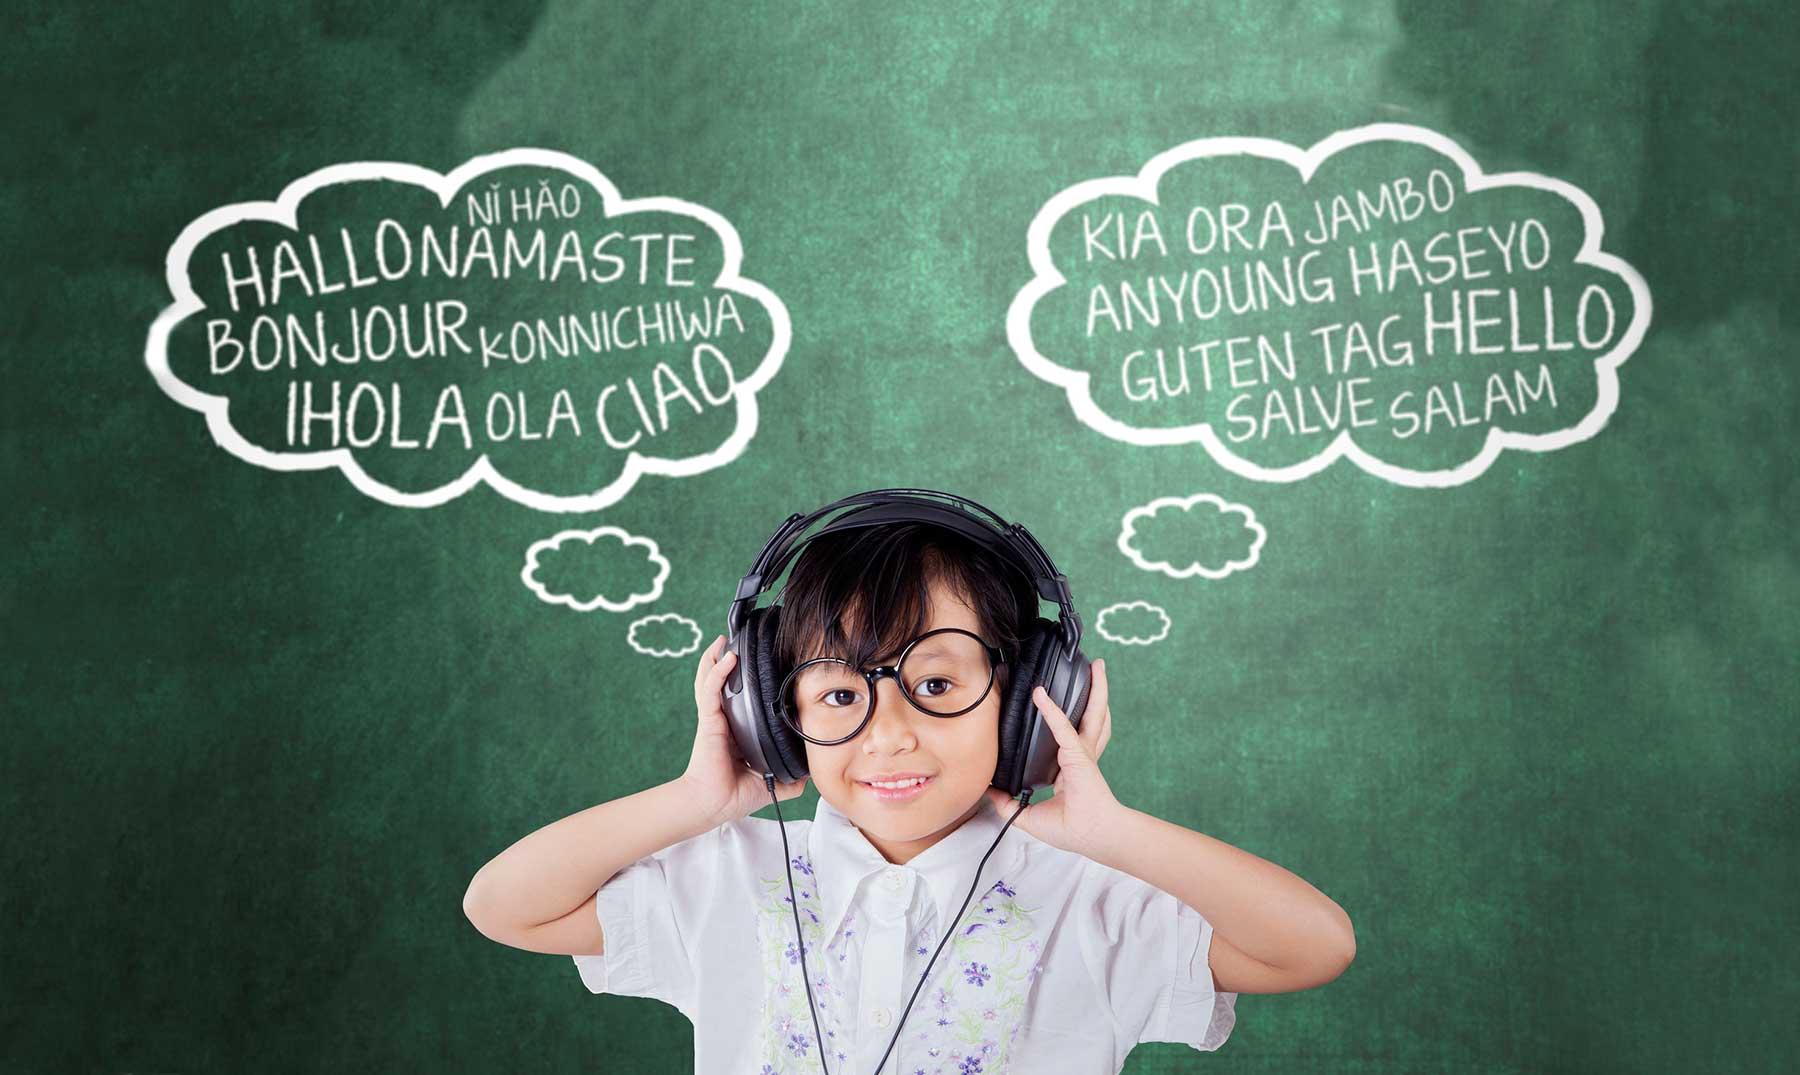 idioma mas facil de aprender para hispanohablantes